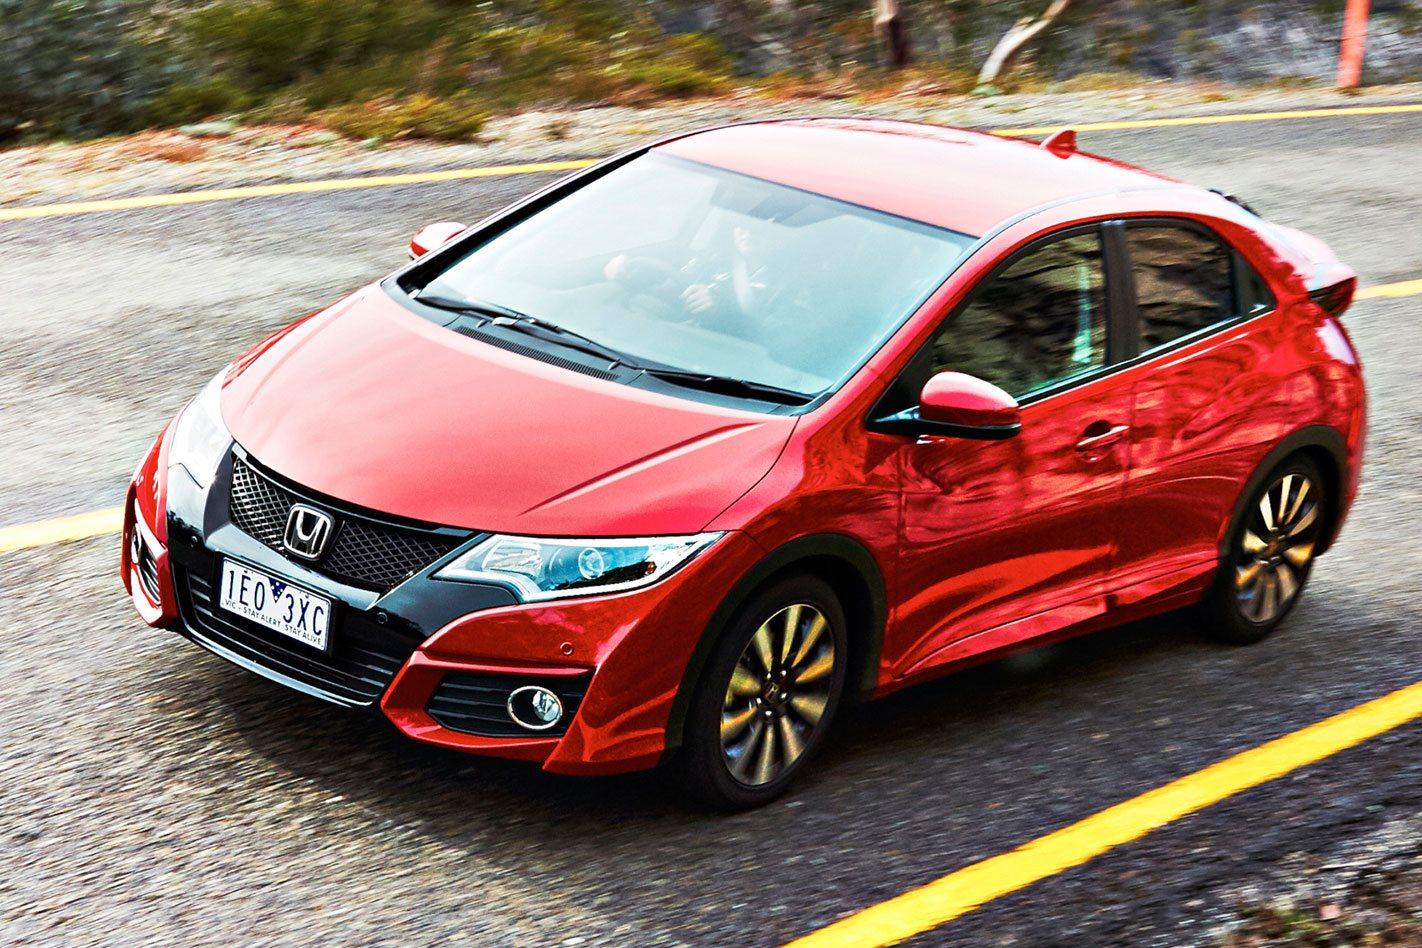 2012-16 Honda Civic Review